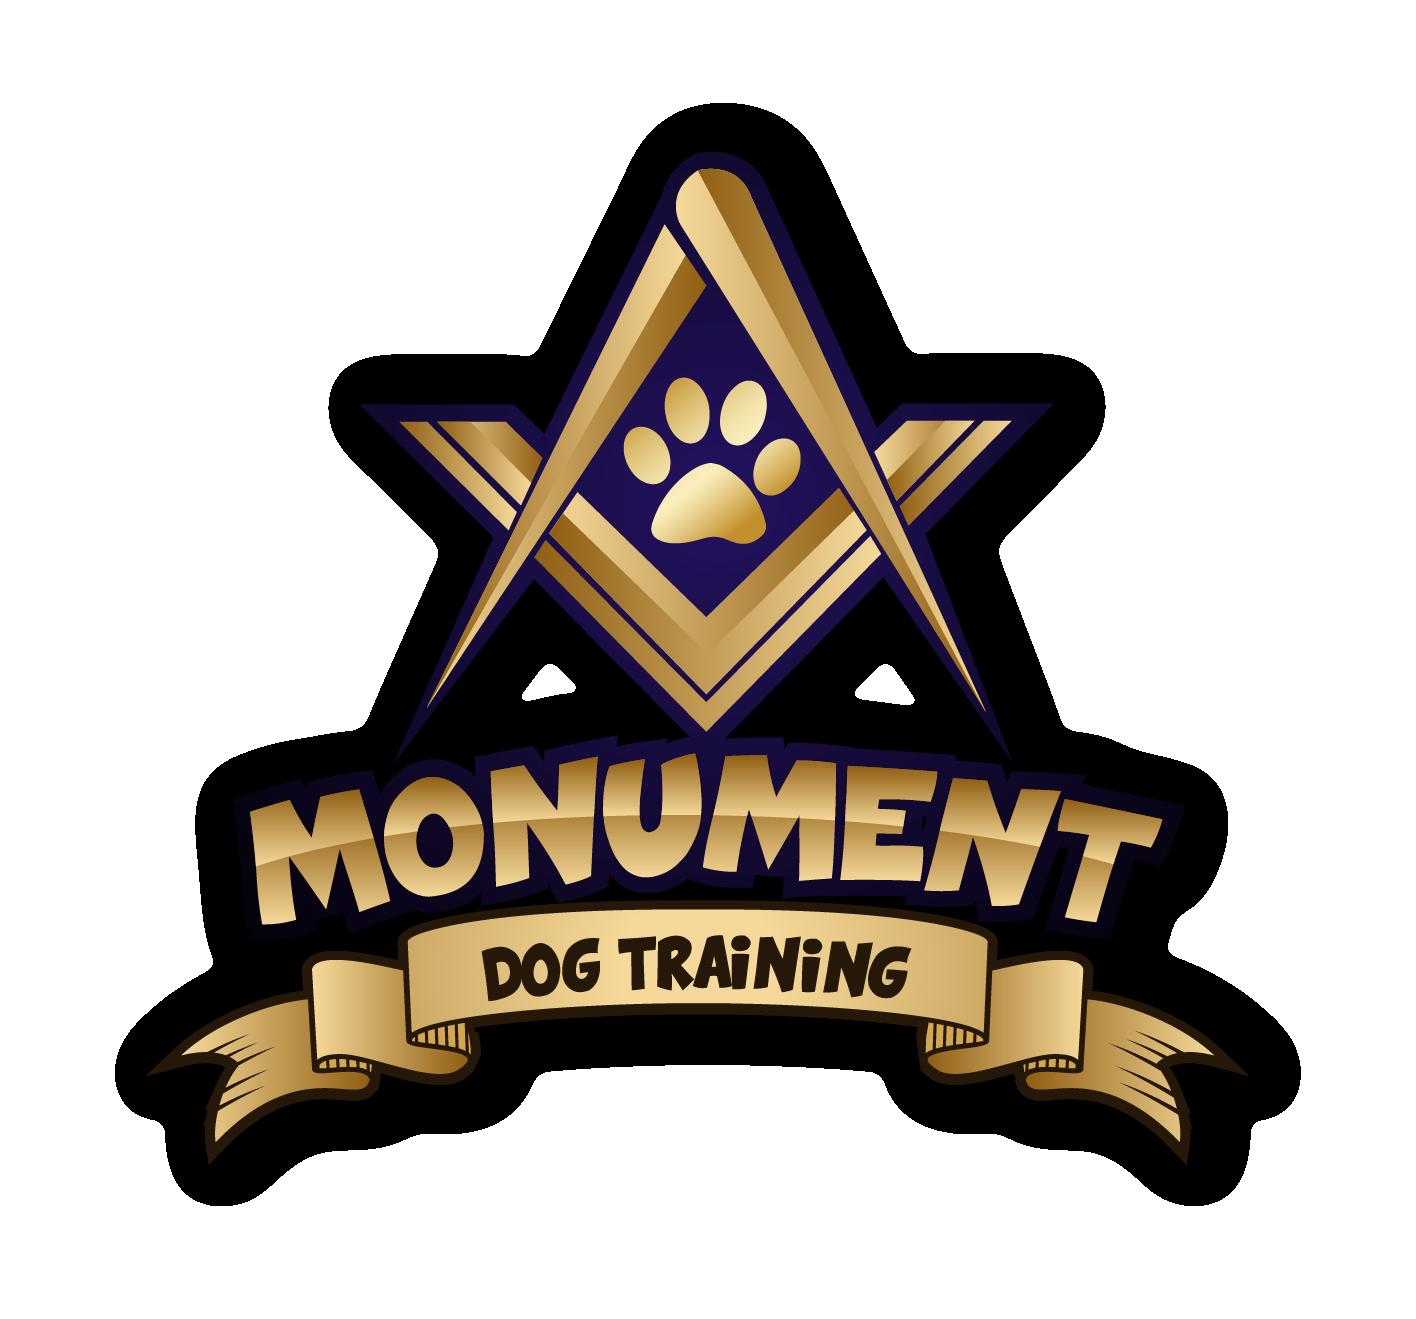 Northern Virginia Aggressive Dog Training | Washington | DC | VA